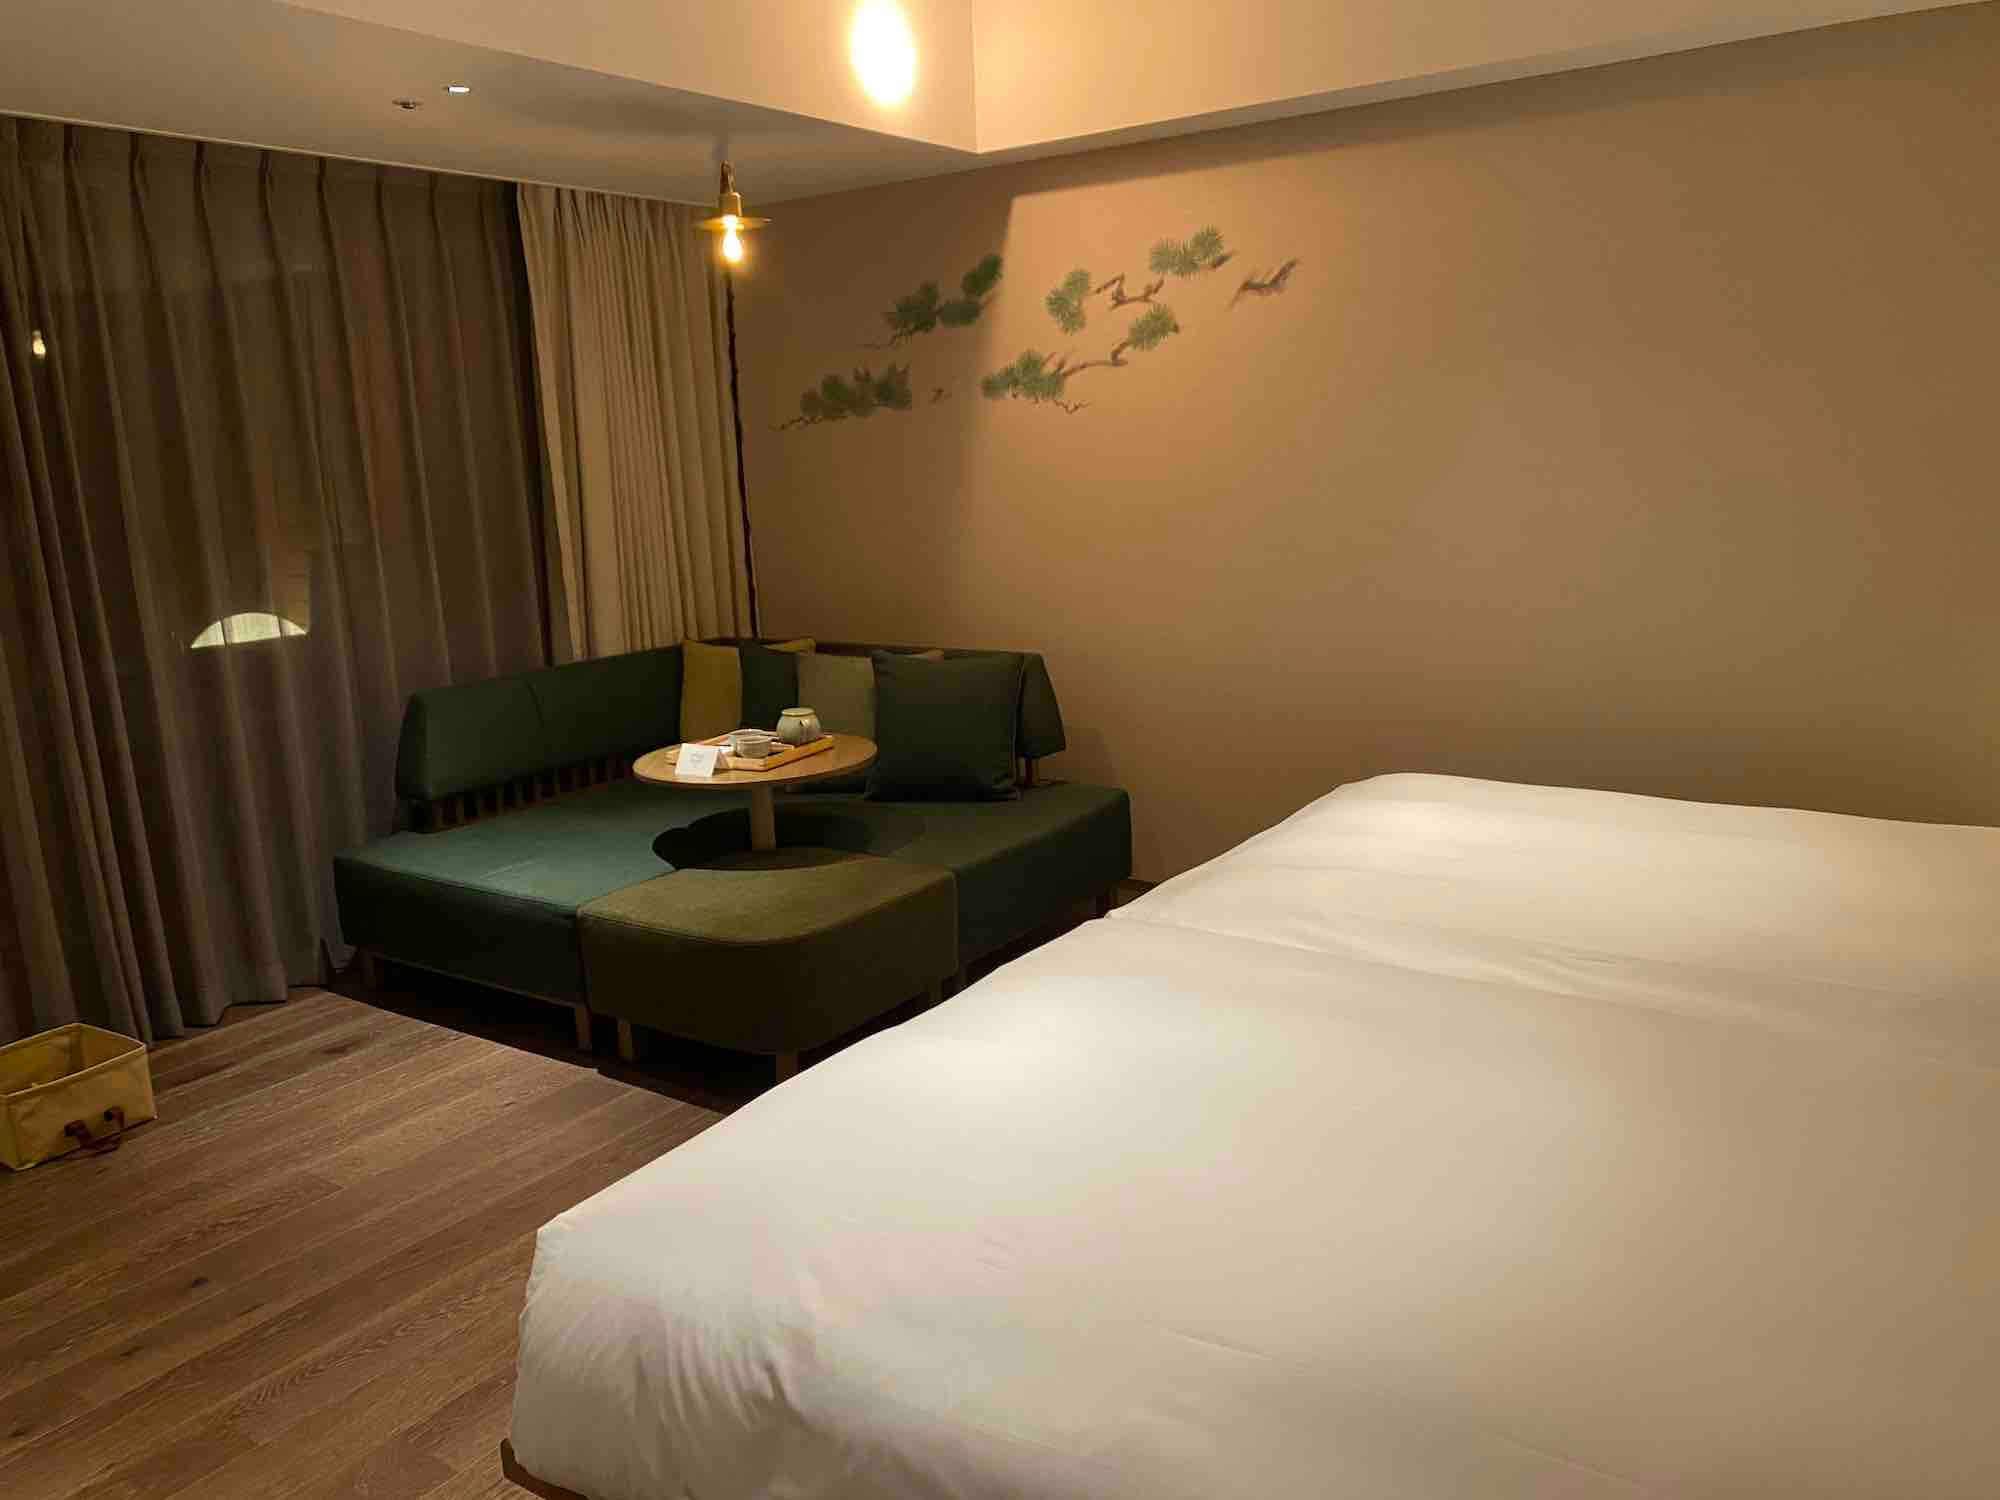 グッドネイチャーホテル無垢の床内装